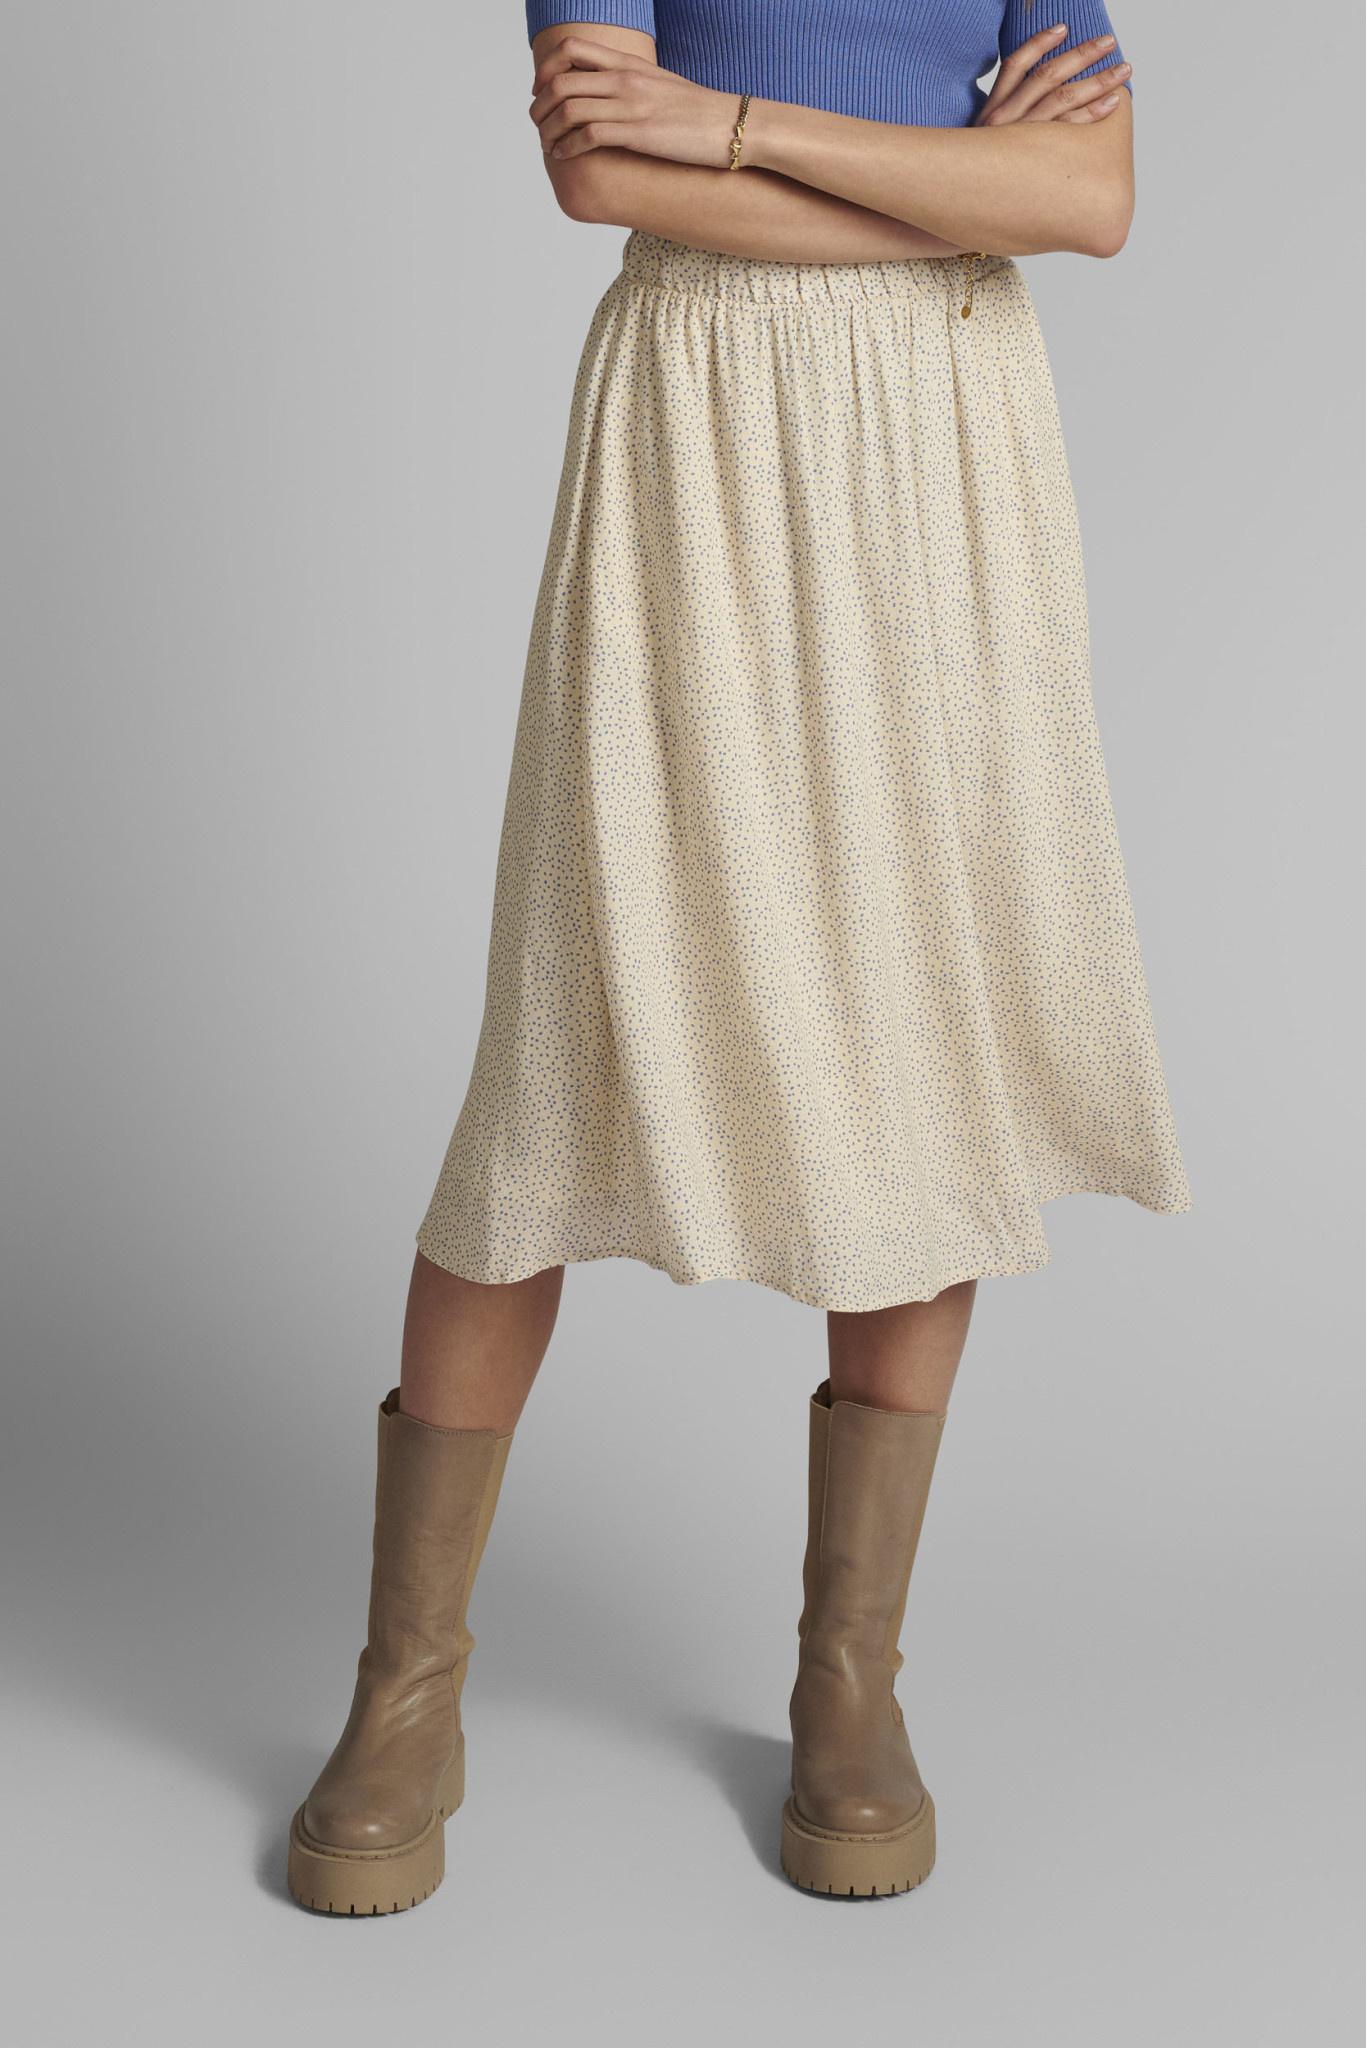 Nümph Courtney Skirt